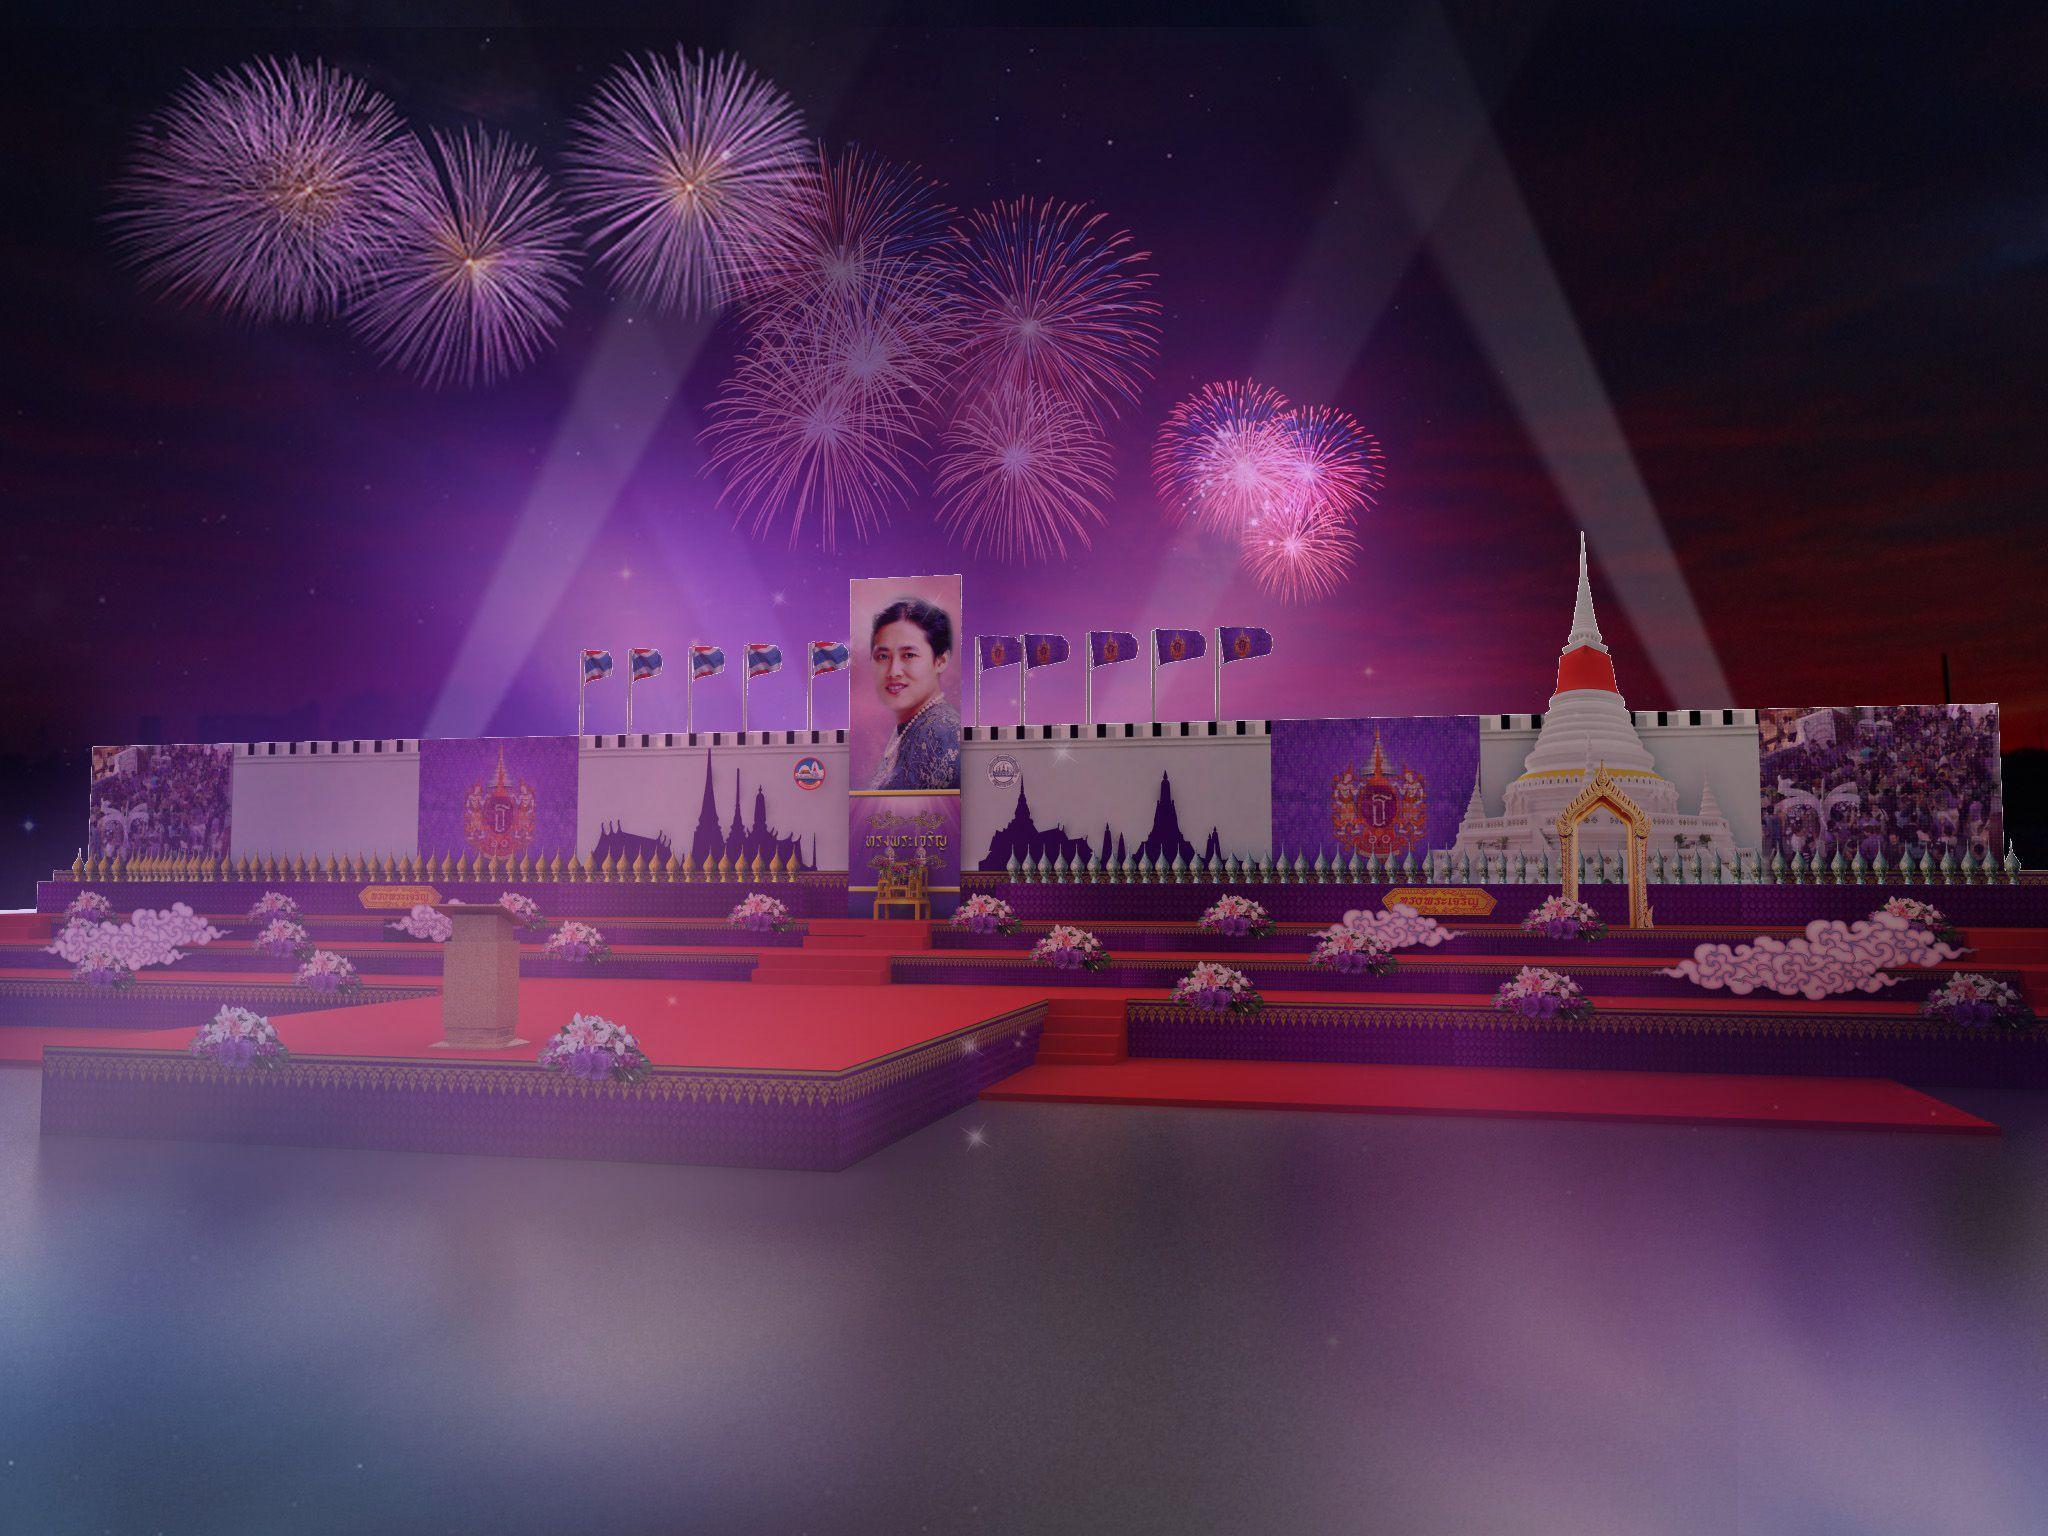 Tile :วันอนุรักษ์มรดกไทย Design : วันงานเฉลิมพระเกียรติสมเด็จพระเทพรัตนราชสุดาฯ สยามบรมราชกุมารี และแสดงเอกลักษณ์ของเมืองสมุทรปราการ Client : องค์การบริหารส่วนจังหวัดสมุทรปราการ